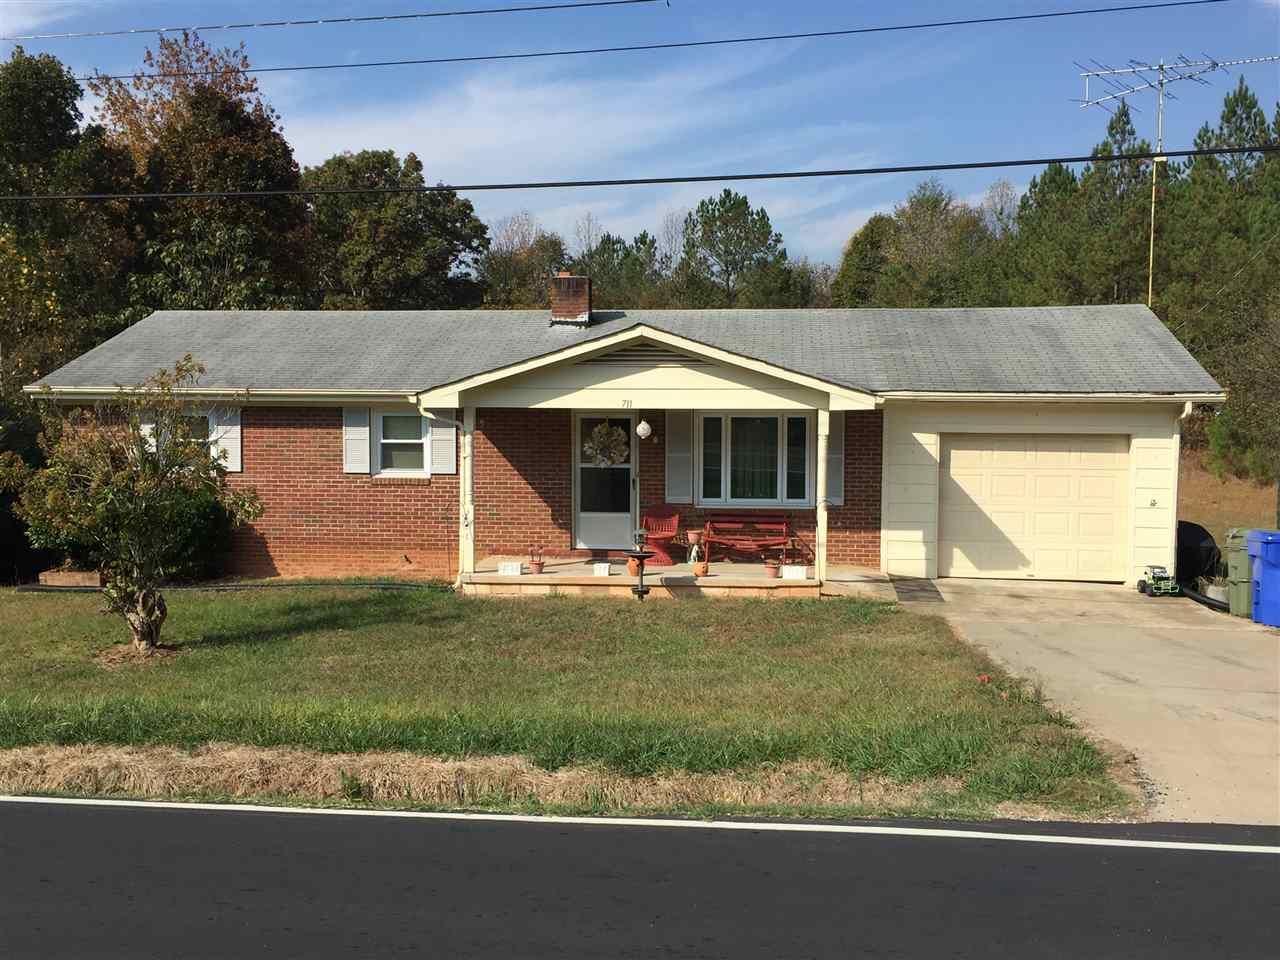 711 ledbetter, Spindale, NC 28160